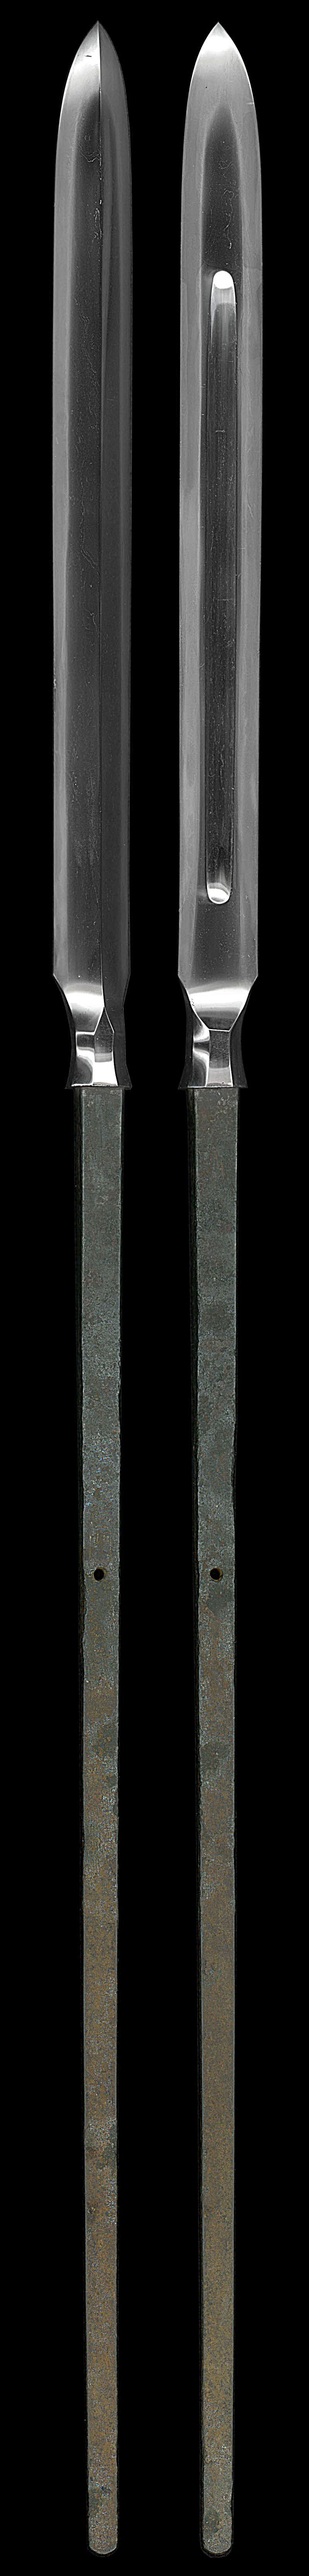 □吉門(武蔵守吉門)全体画像